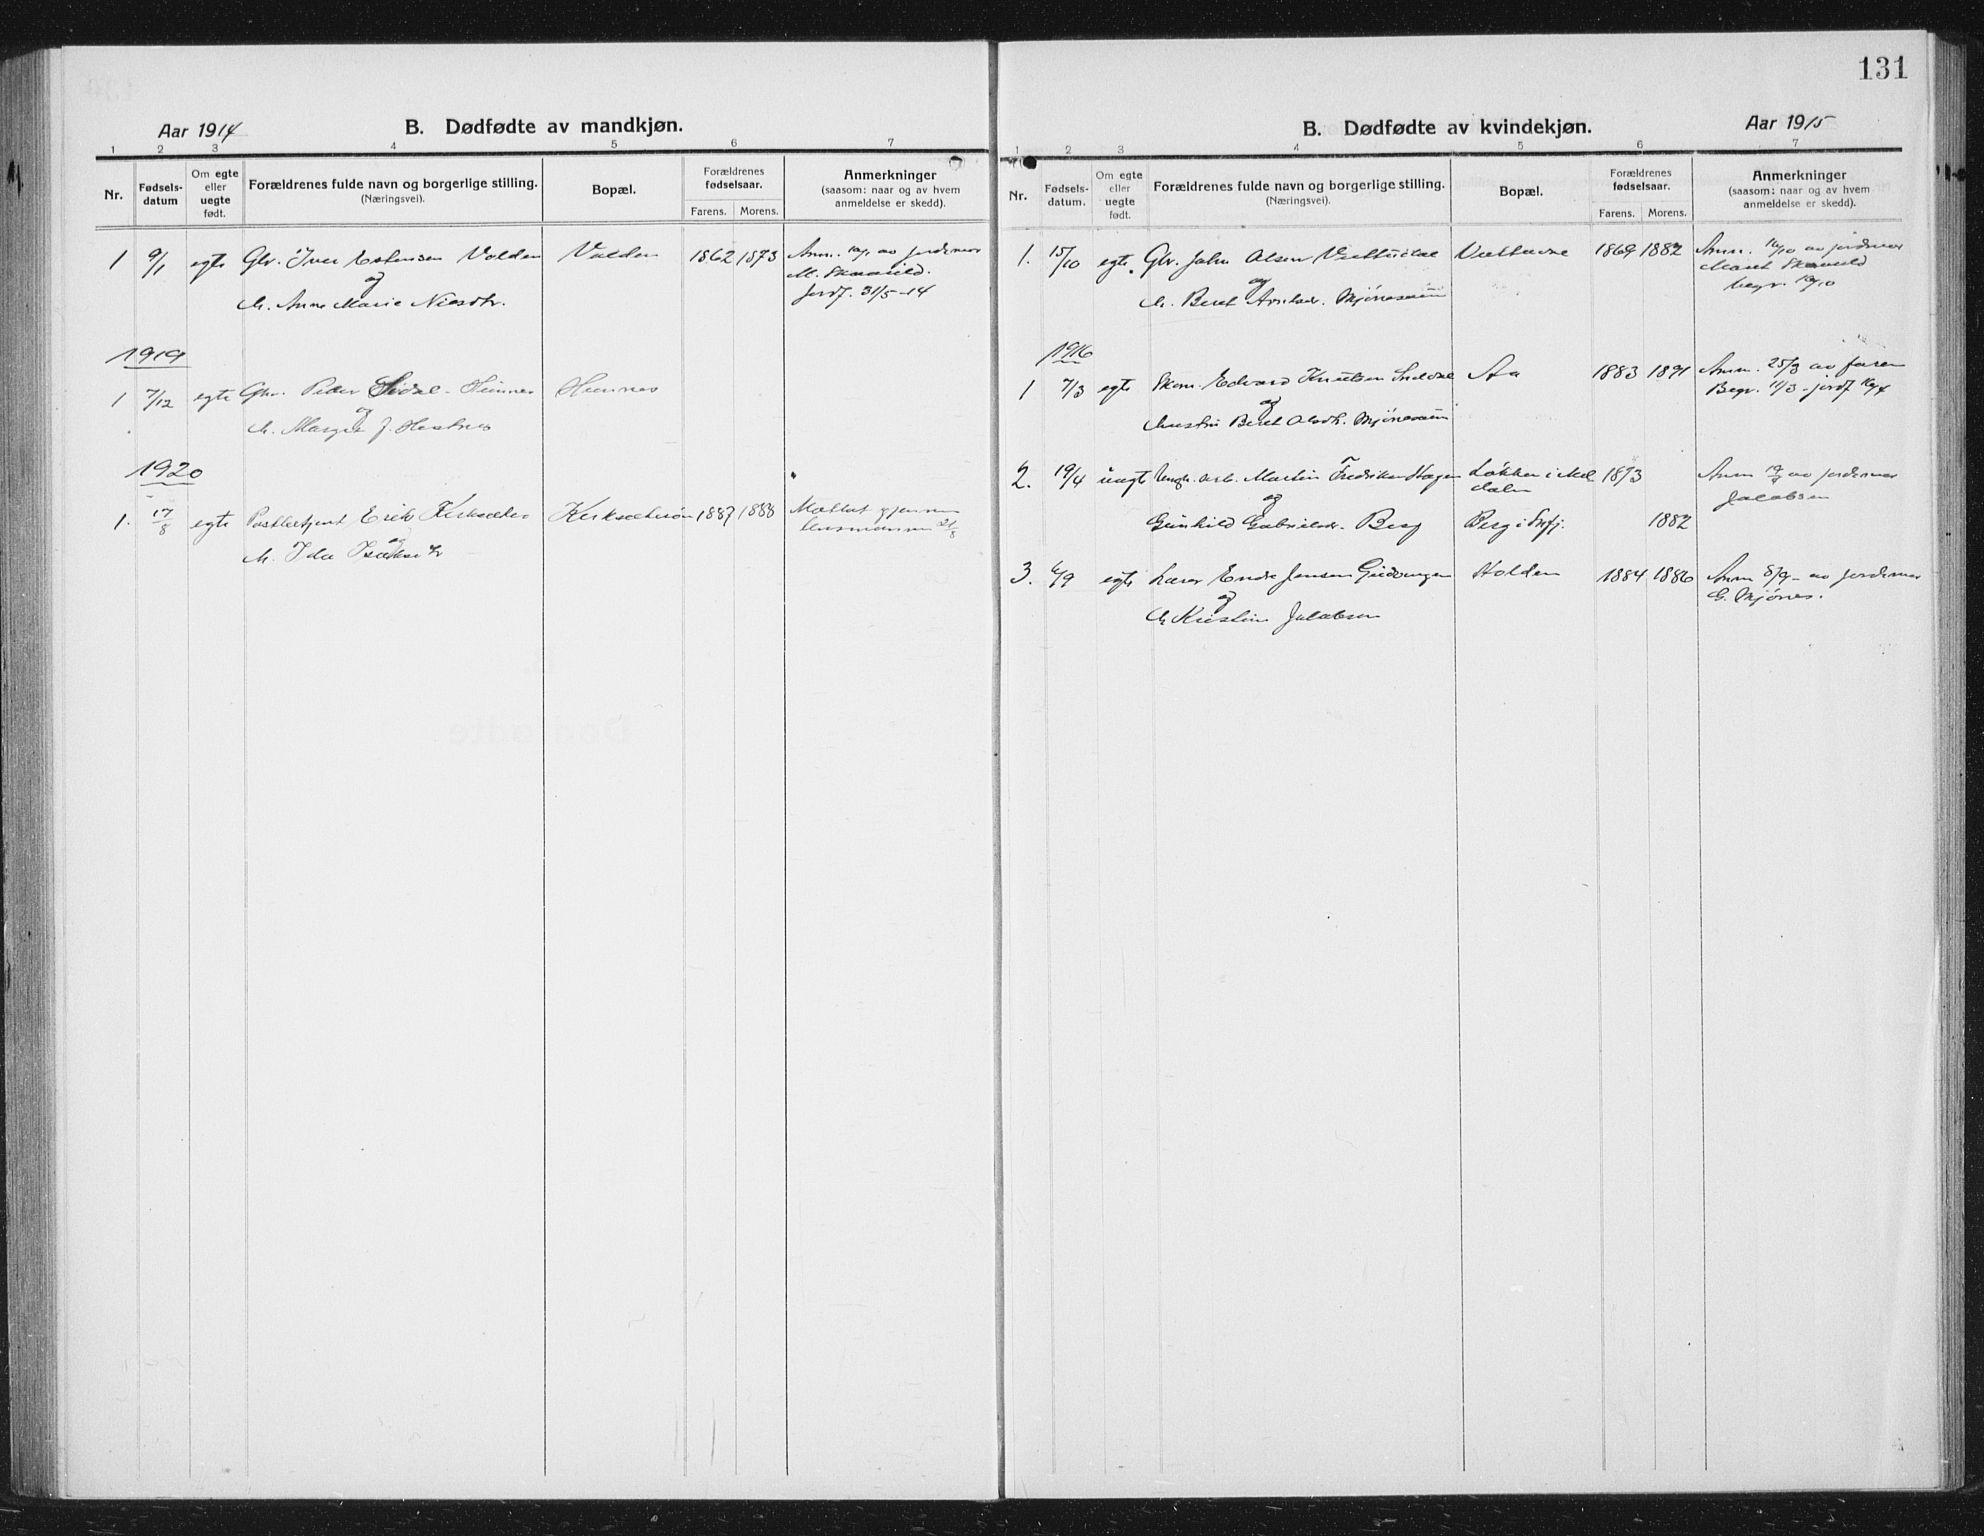 SAT, Ministerialprotokoller, klokkerbøker og fødselsregistre - Sør-Trøndelag, 630/L0506: Klokkerbok nr. 630C04, 1914-1933, s. 131